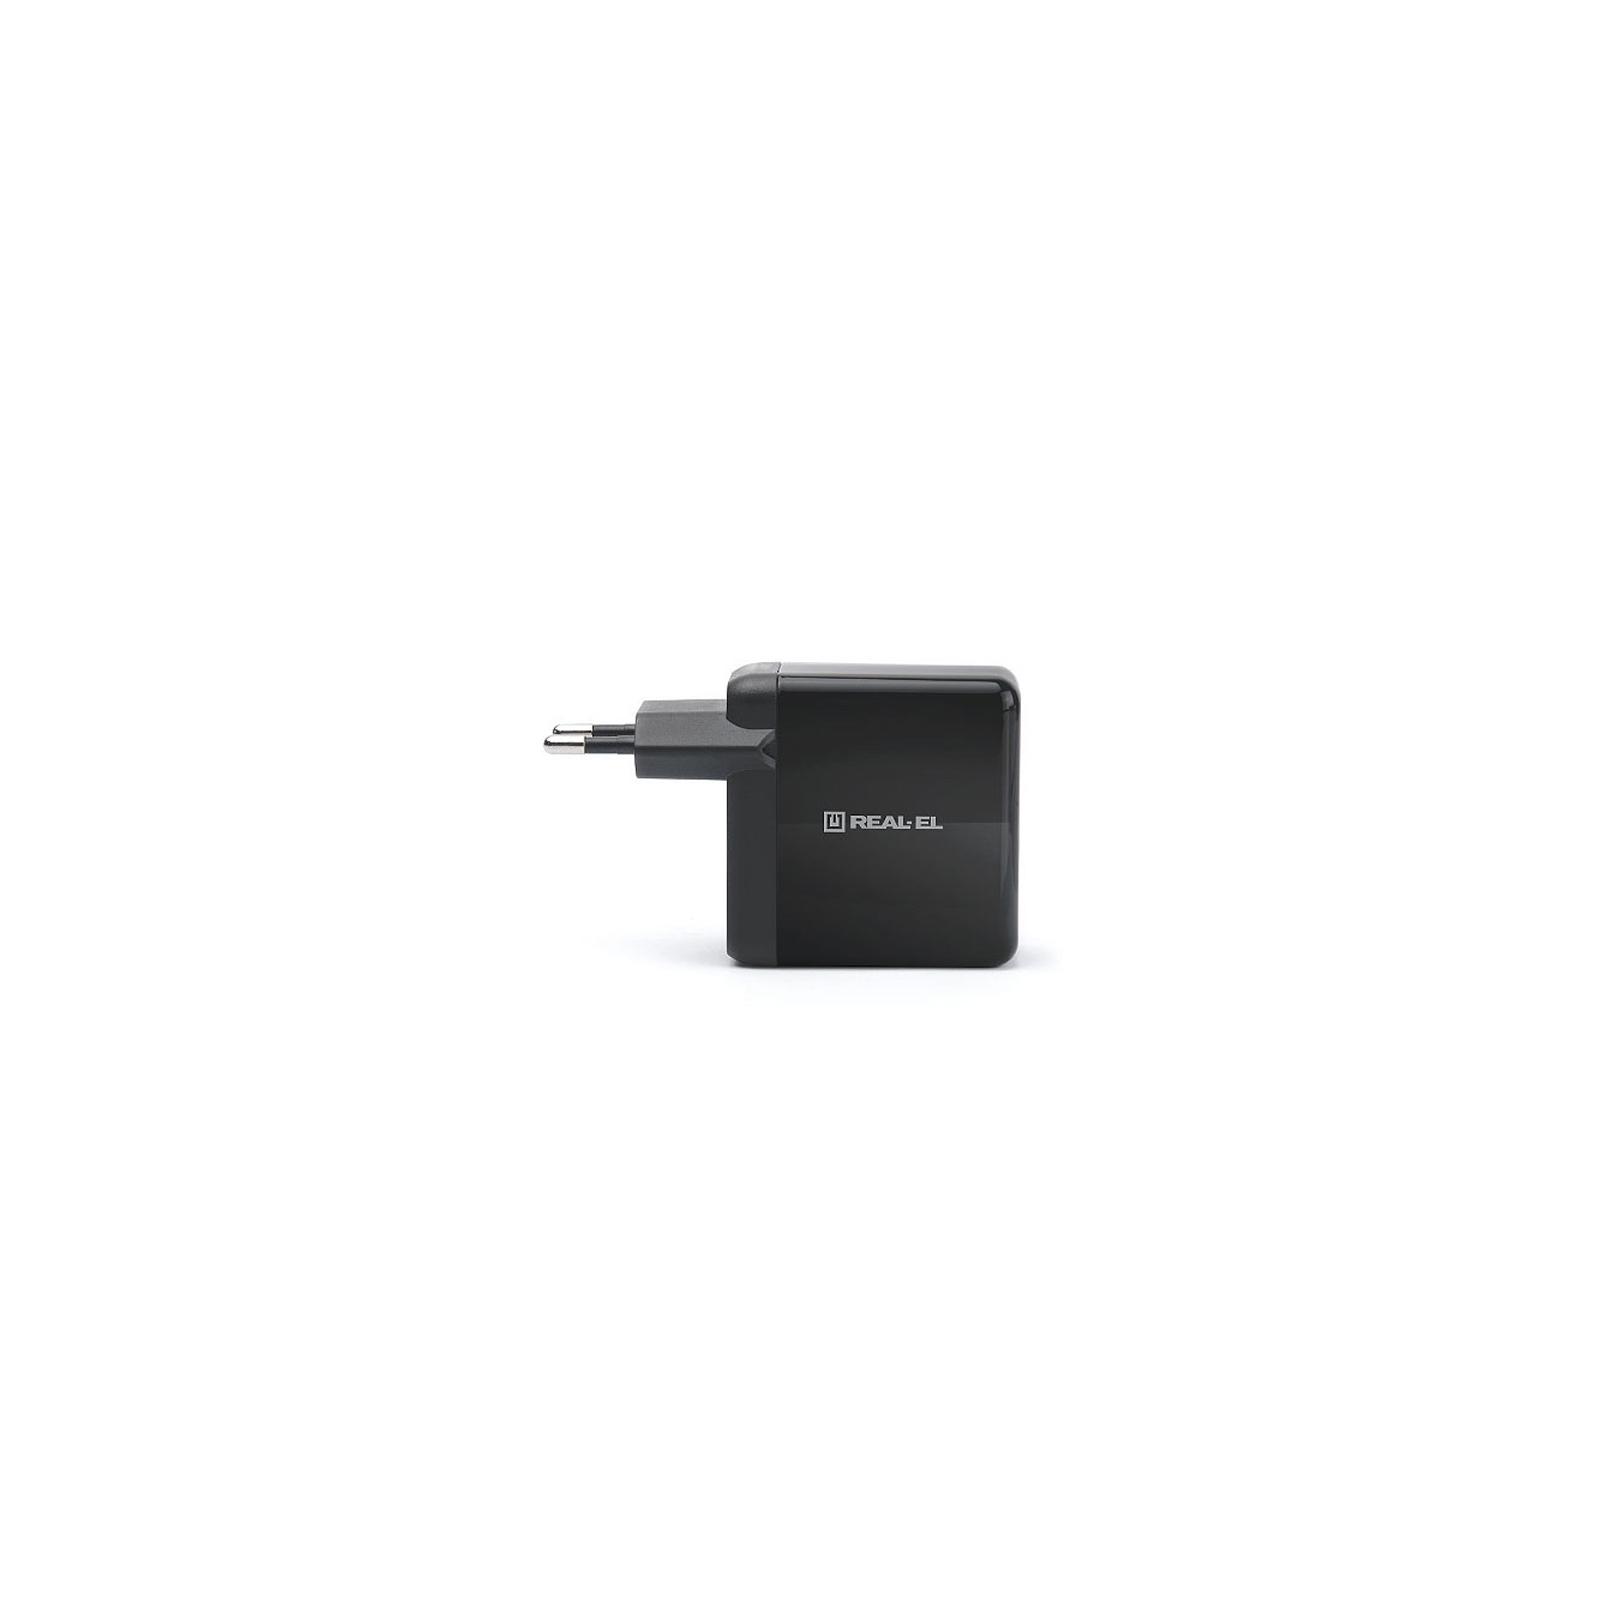 Зарядний пристрій REAL-EL CH-350 black (EL123160017) зображення 2